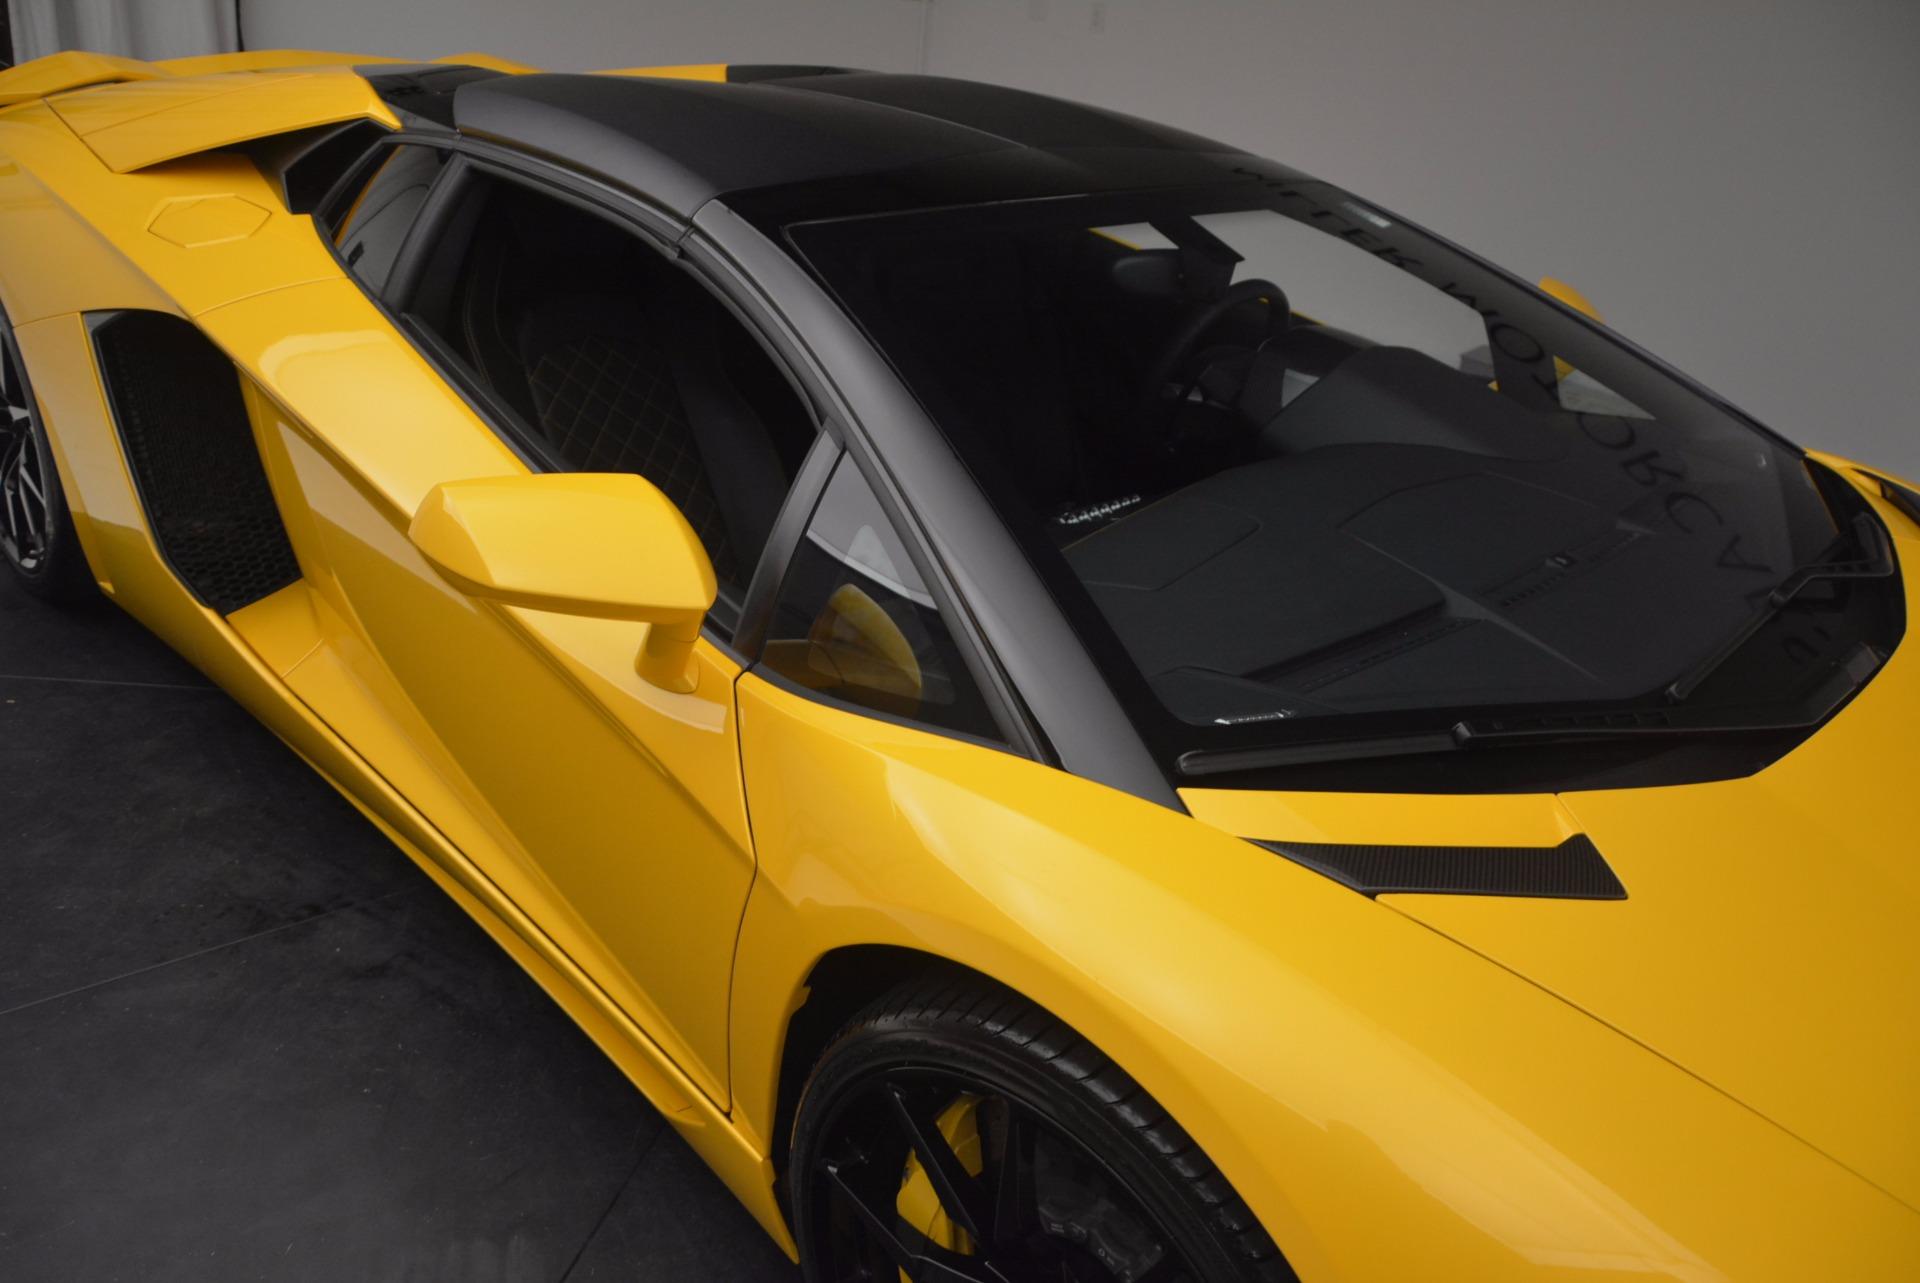 Used 2015 Lamborghini Aventador LP 700-4 Roadster For Sale In Greenwich, CT 1774_p30